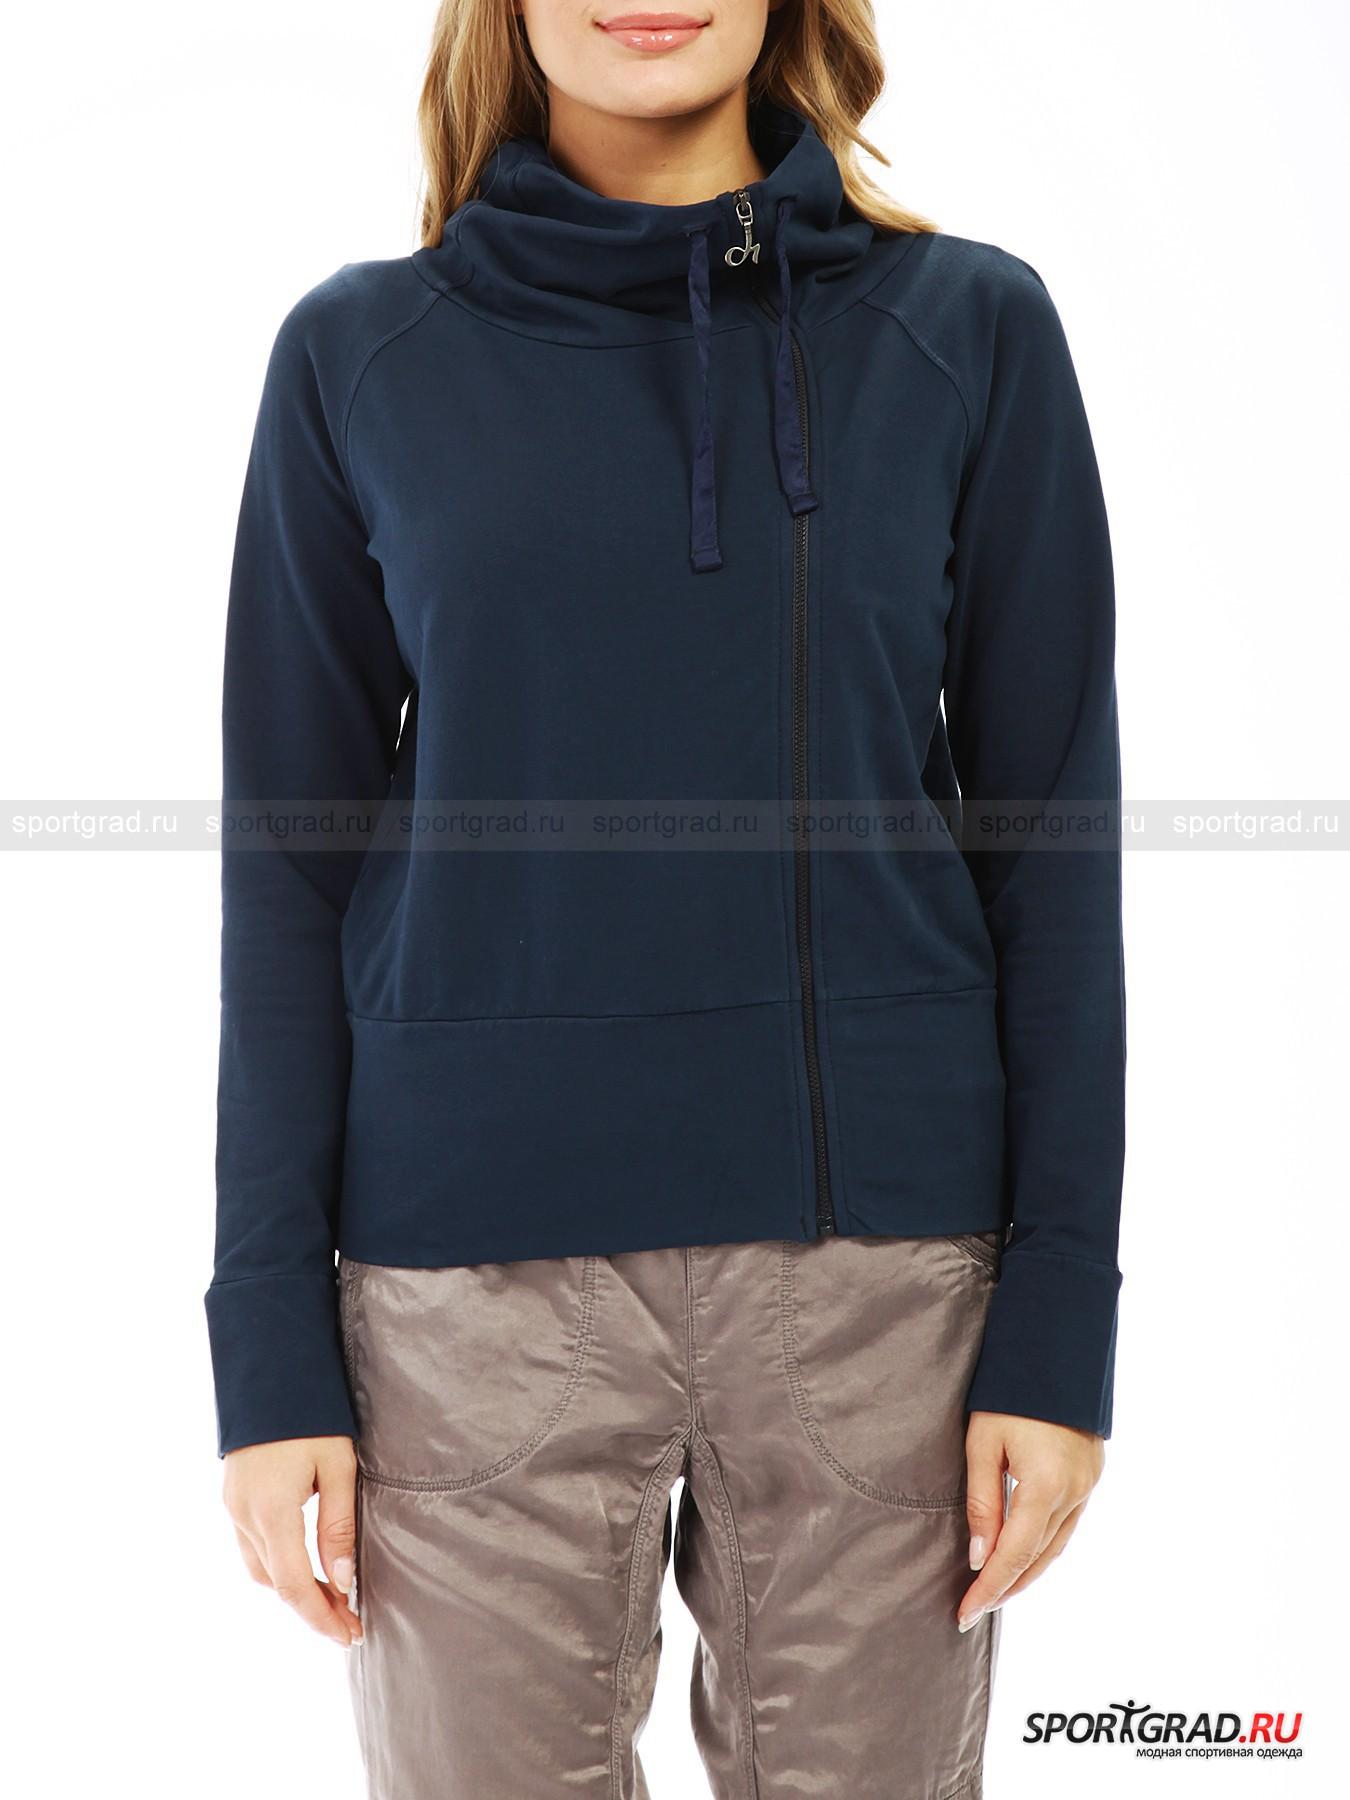 ��������� ������� Full Zip Sweatshirt DEHA